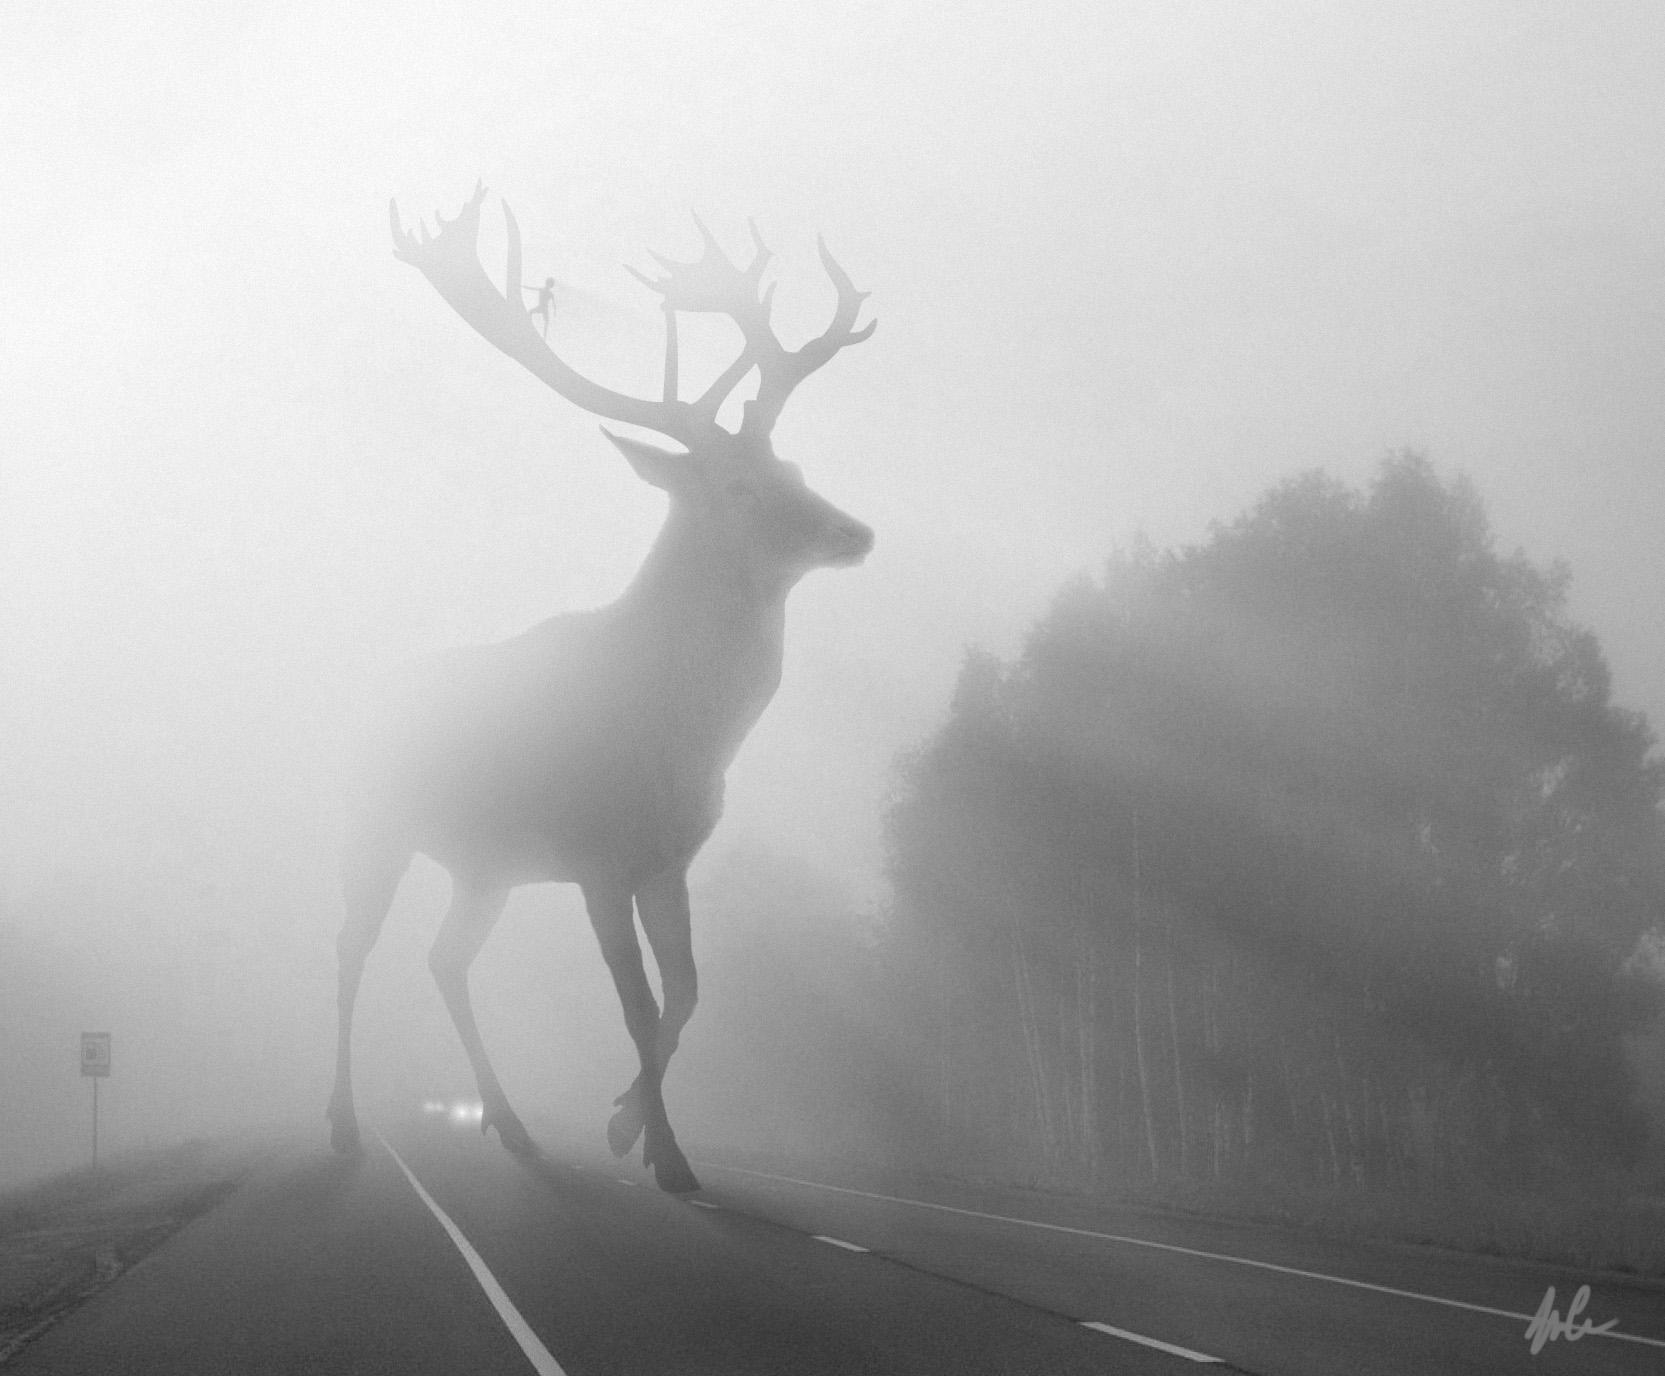 DeerRoad_hires.jpg